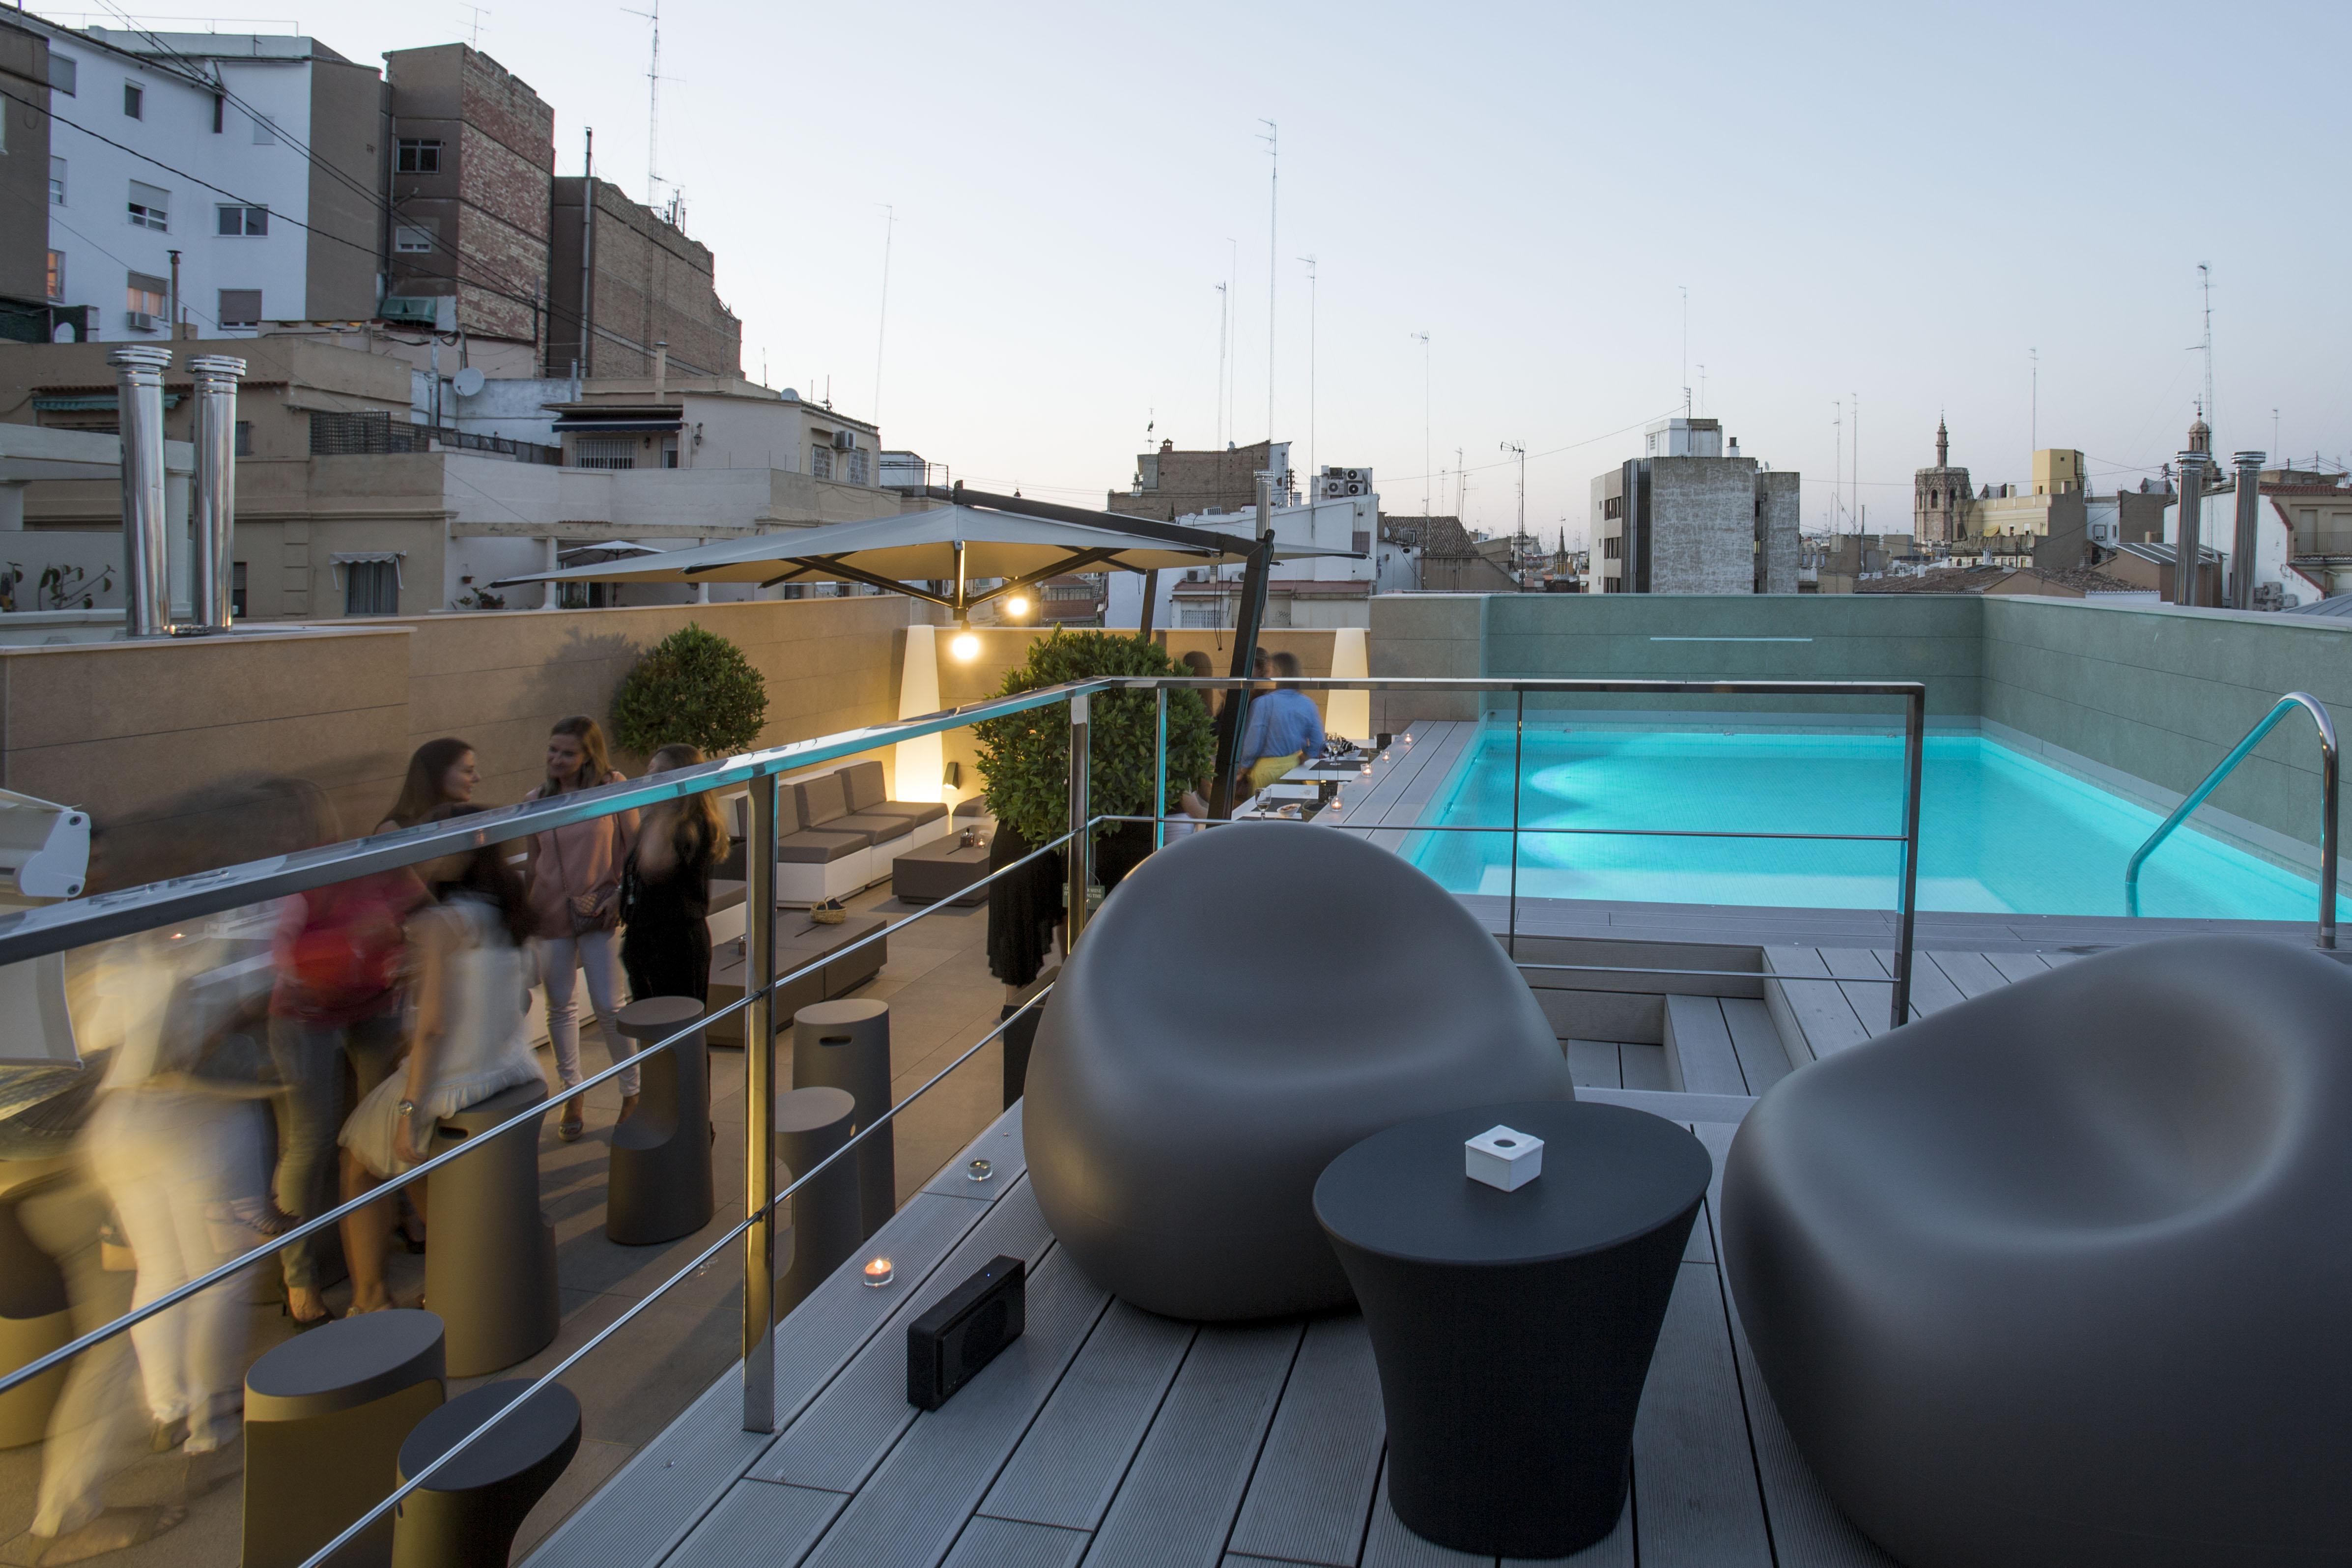 Vincci hoteles inaugura sus terrazas desde las alturas - Hoteles con encanto y piscina ...